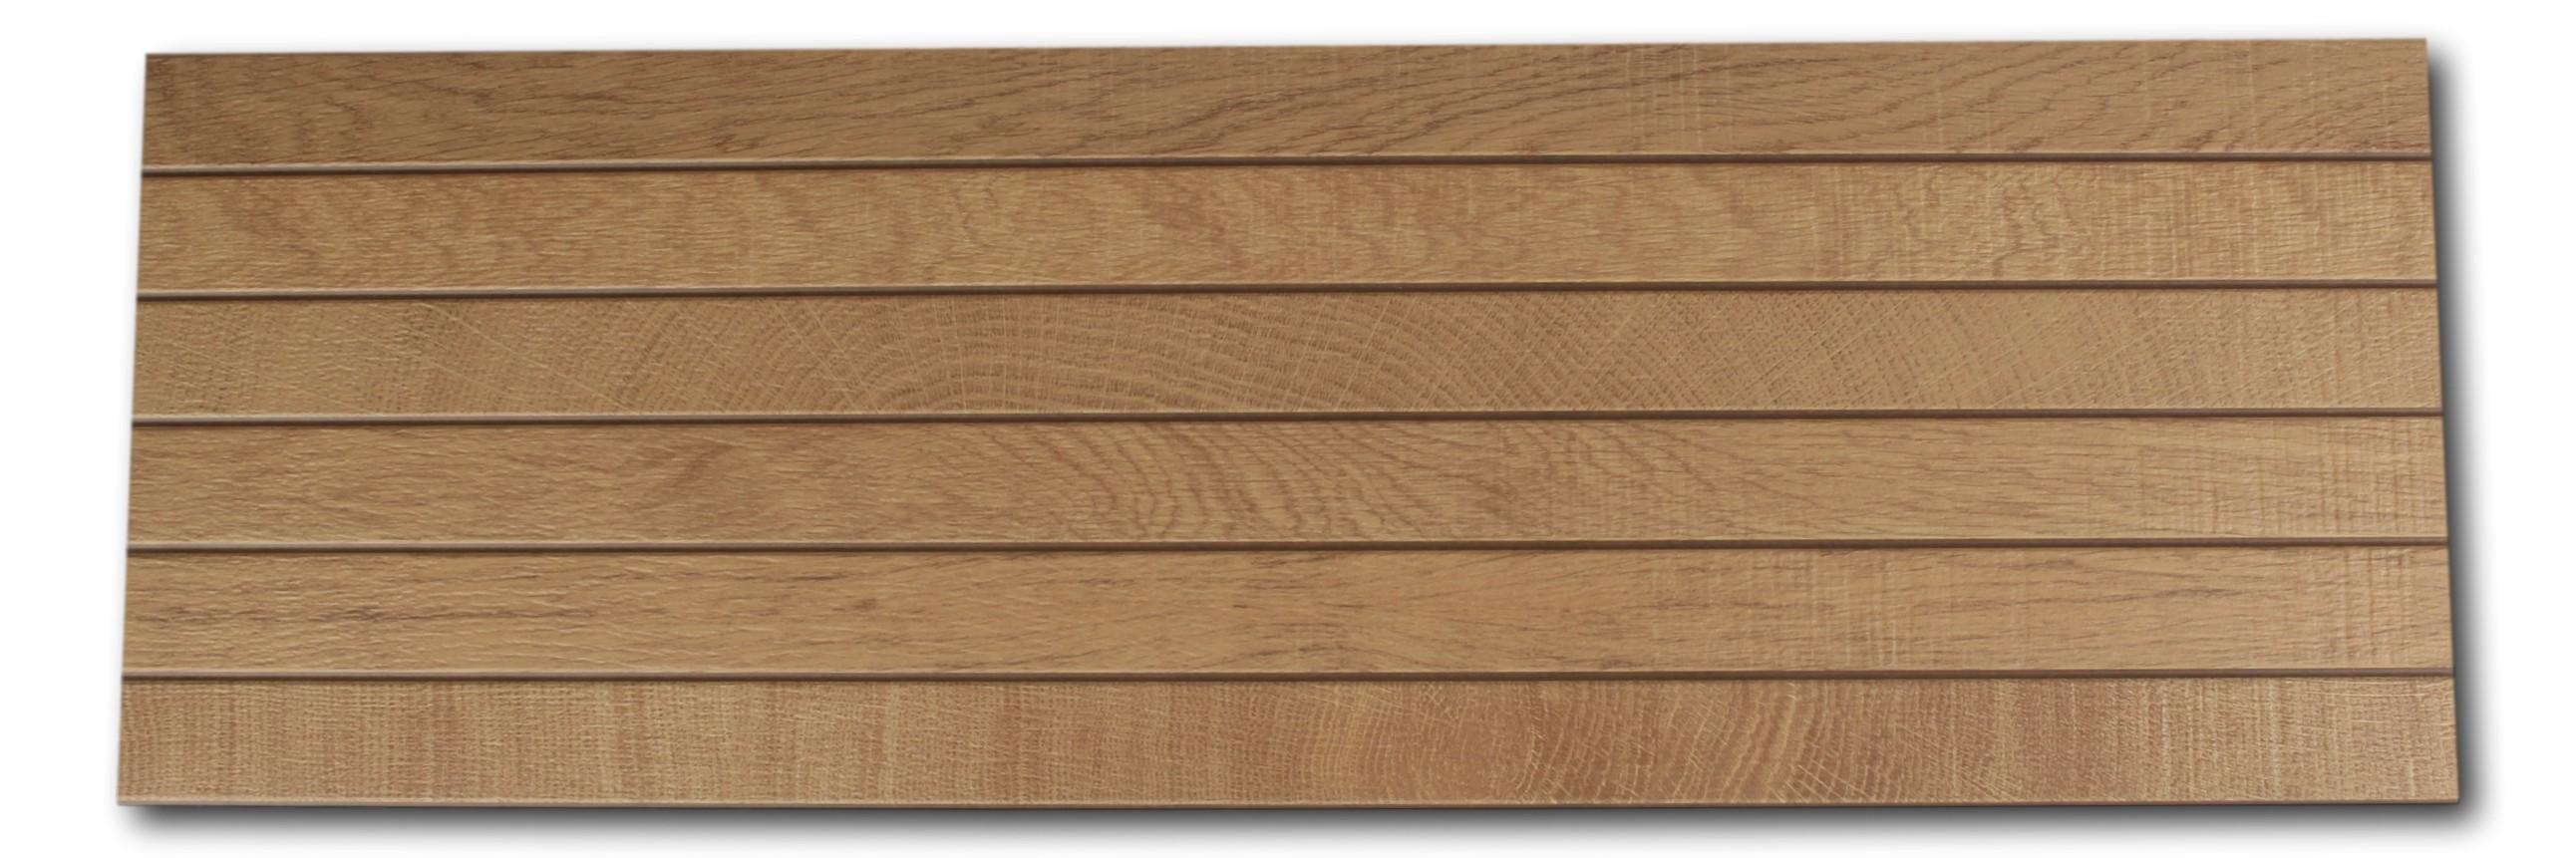 Płytka drewnopodobna jasnobrązowa Liston Oxford Natural 33x100